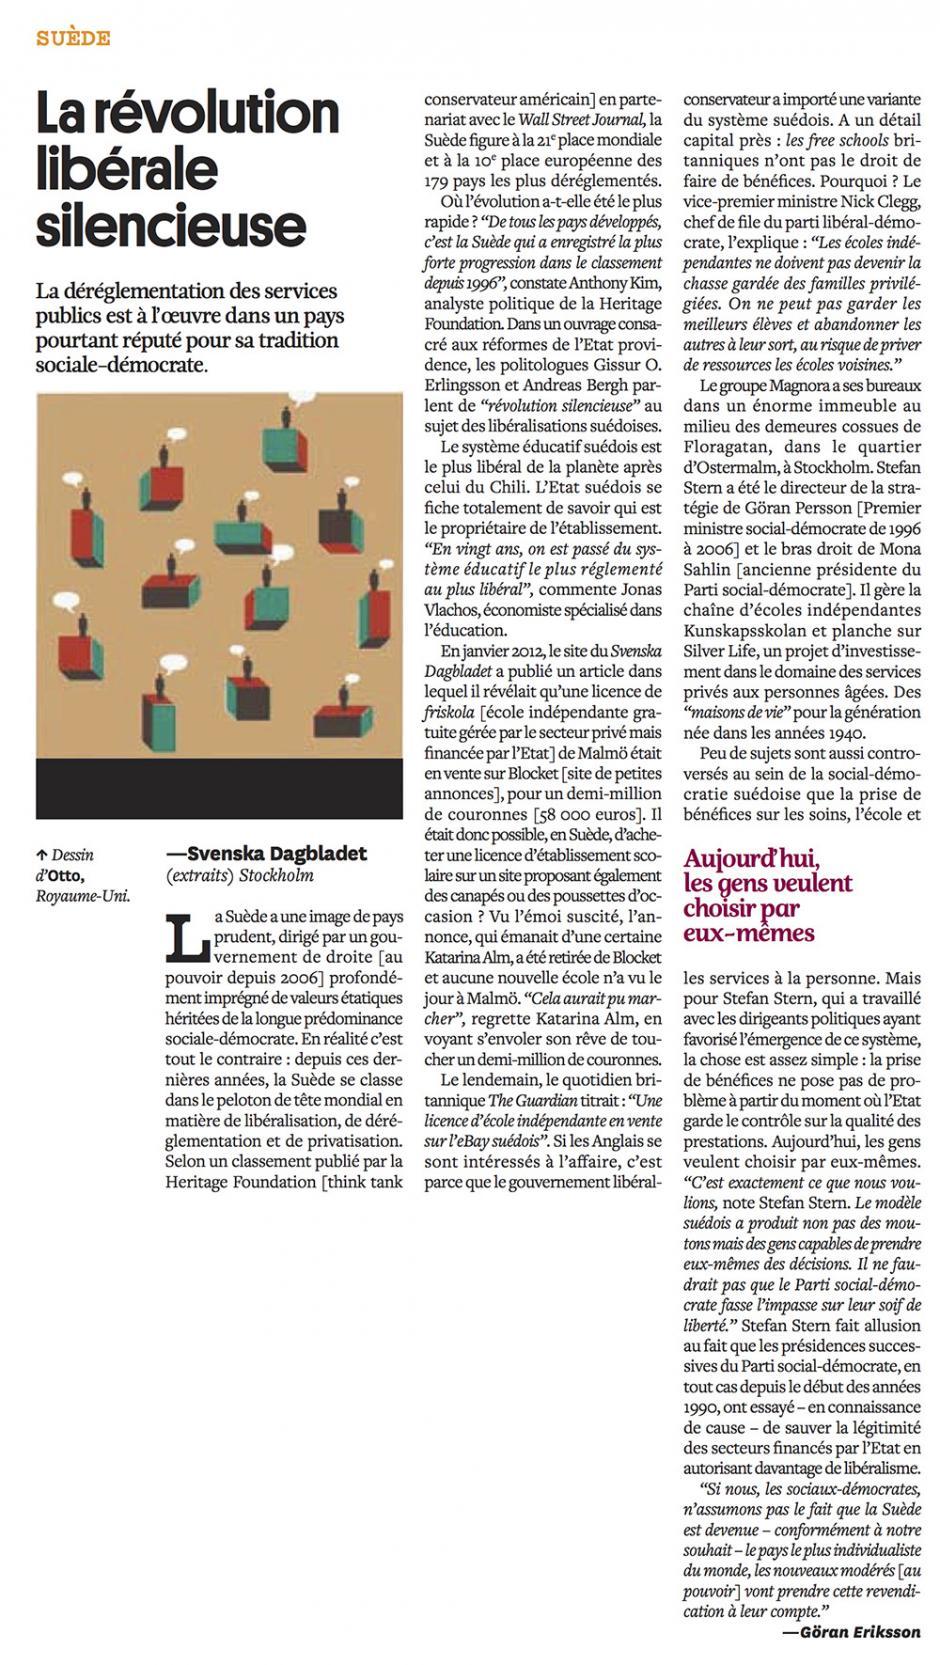 20121018-Courrier international-Suède, la révolution libérale silencieuse